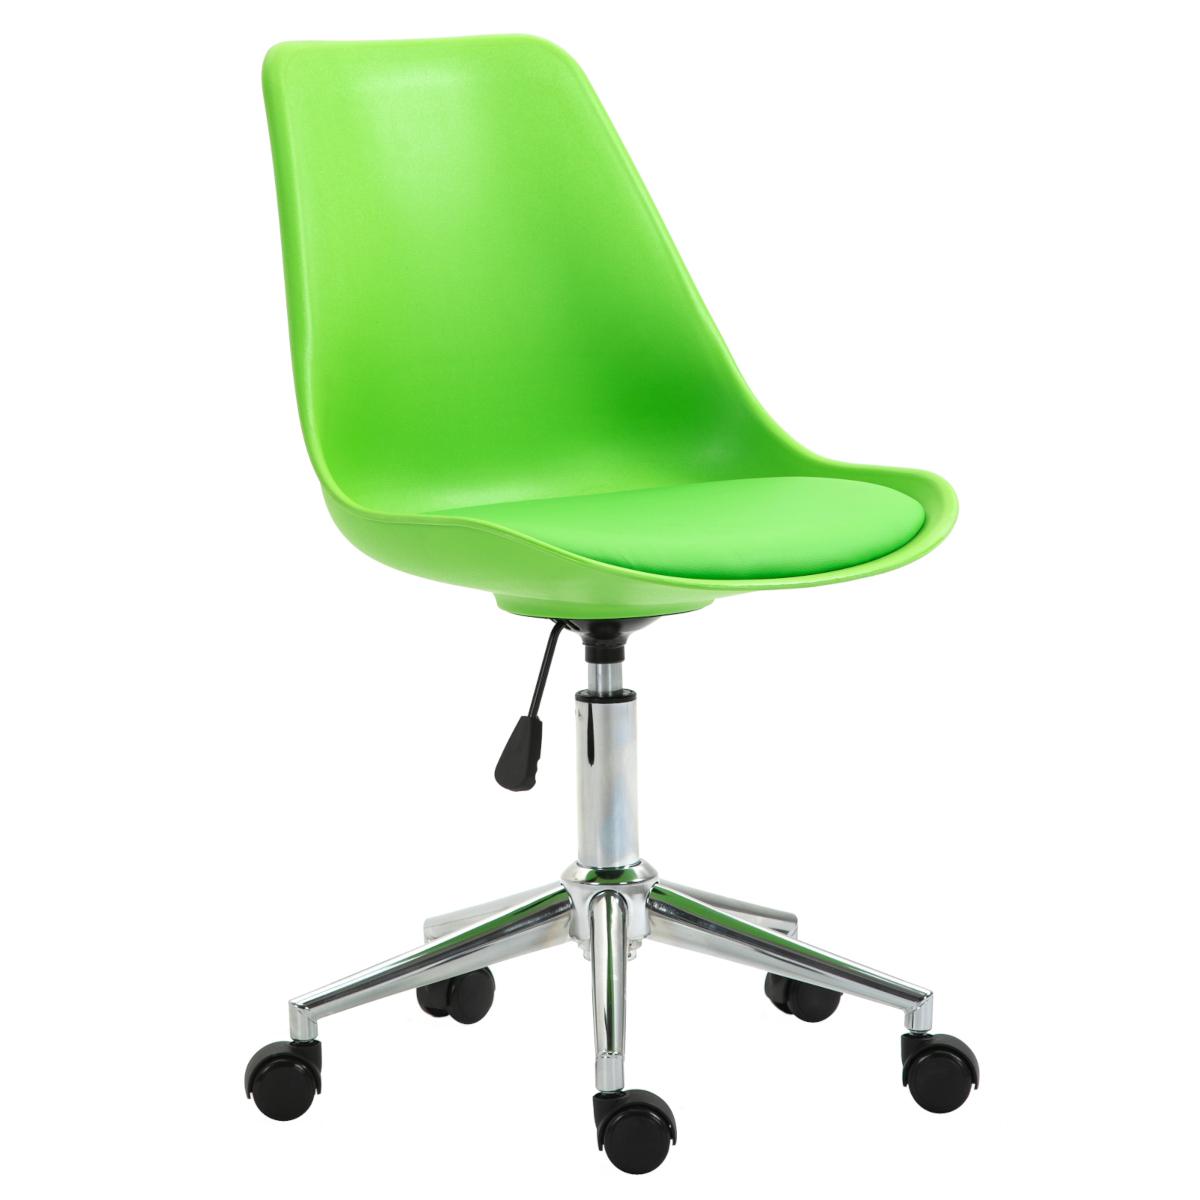 92237 SVITA EDDY Schreibtischstuhl für Kinder Drehstuhl Kinderschreibtischstuhl Grün